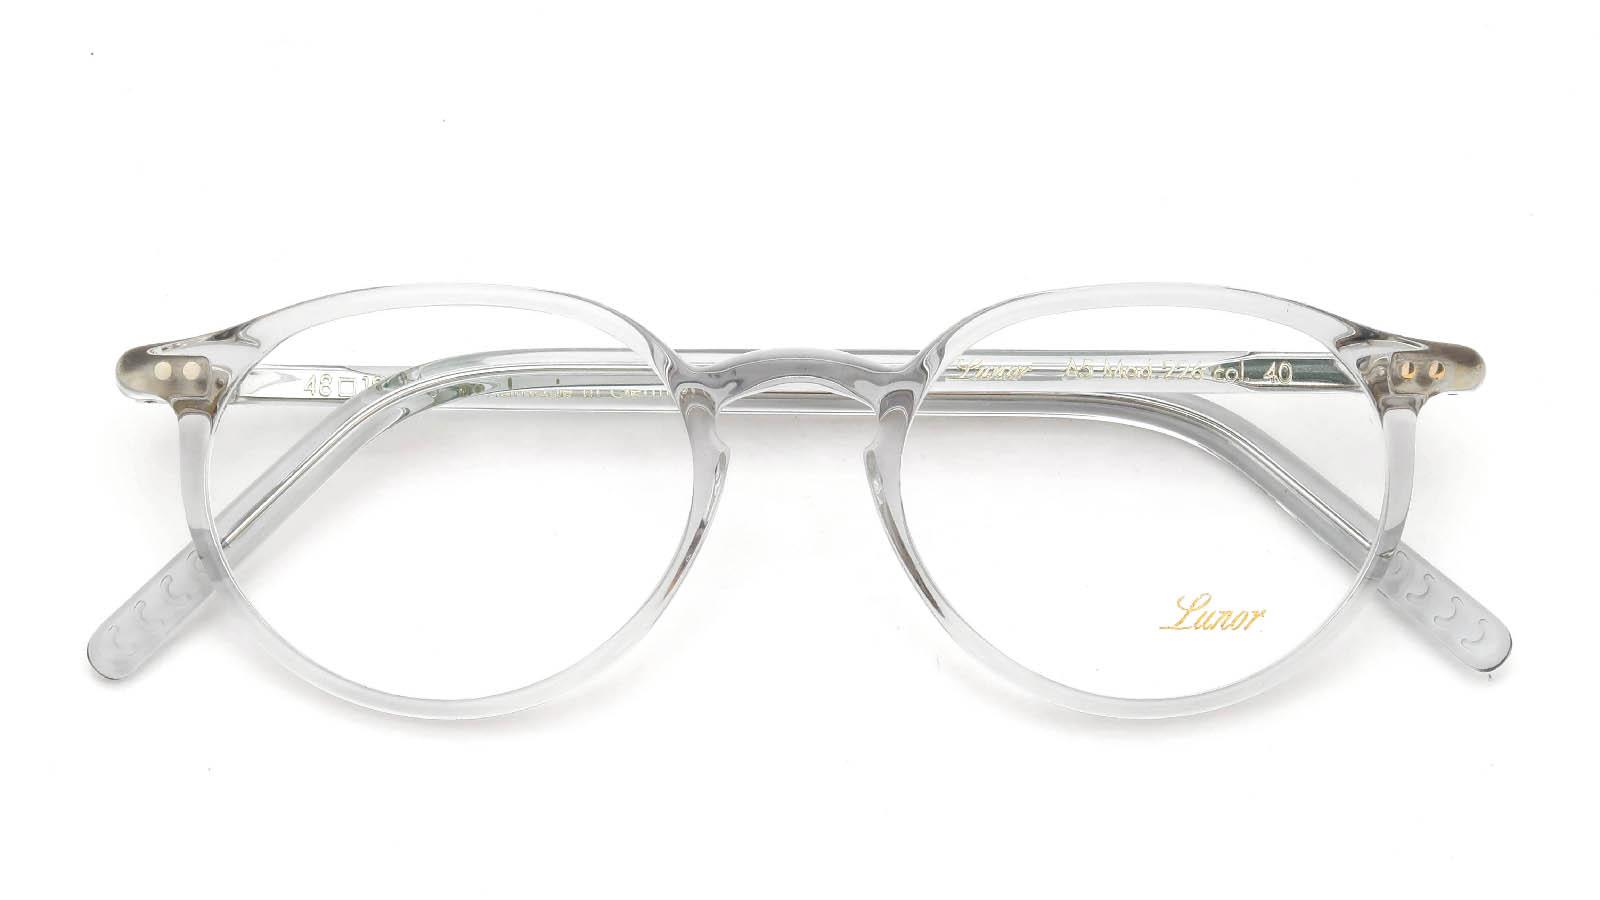 LUNOR Lunor-A5 226 4